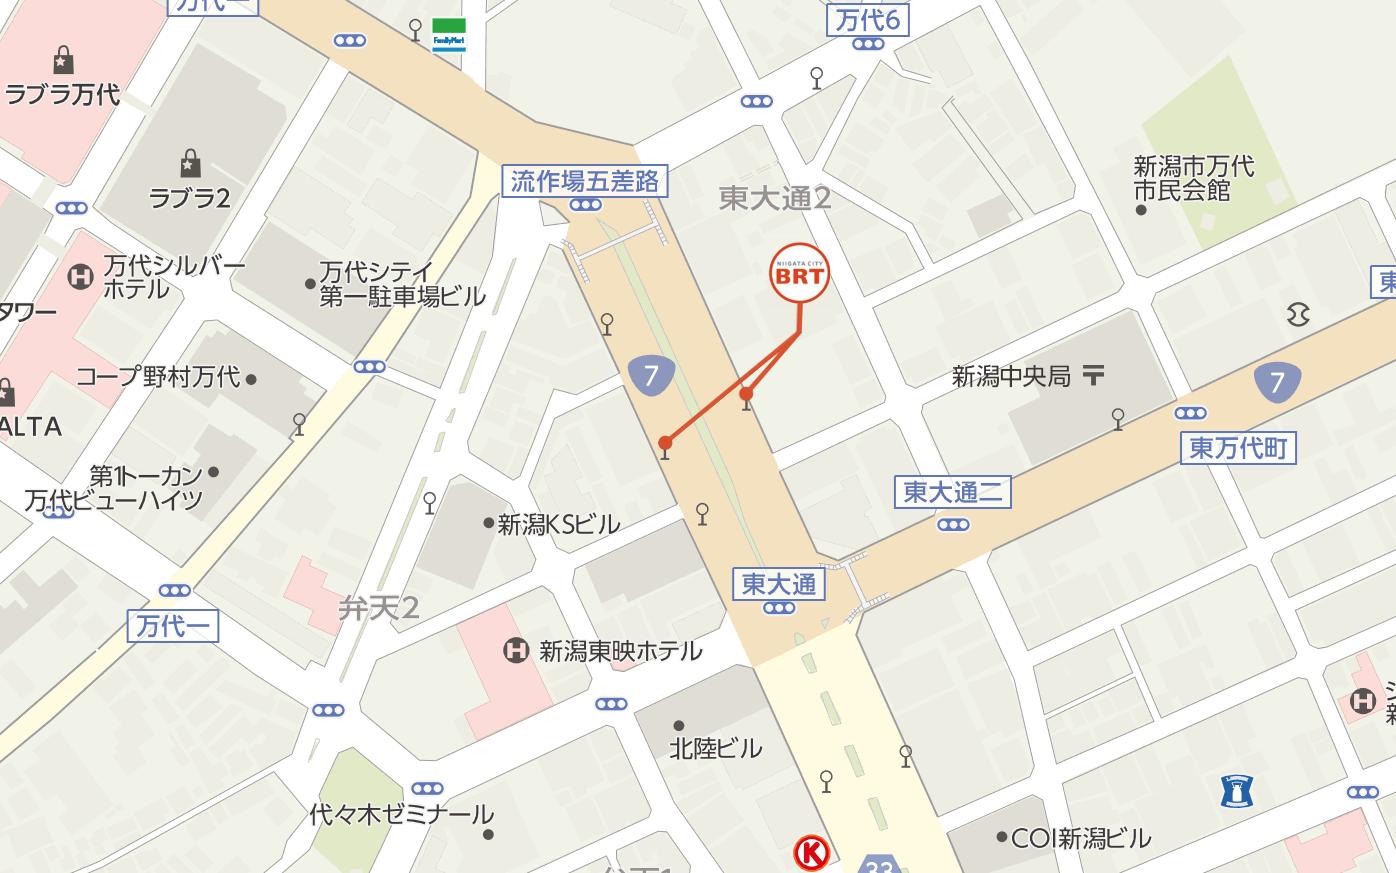 ekimaedori_map.png